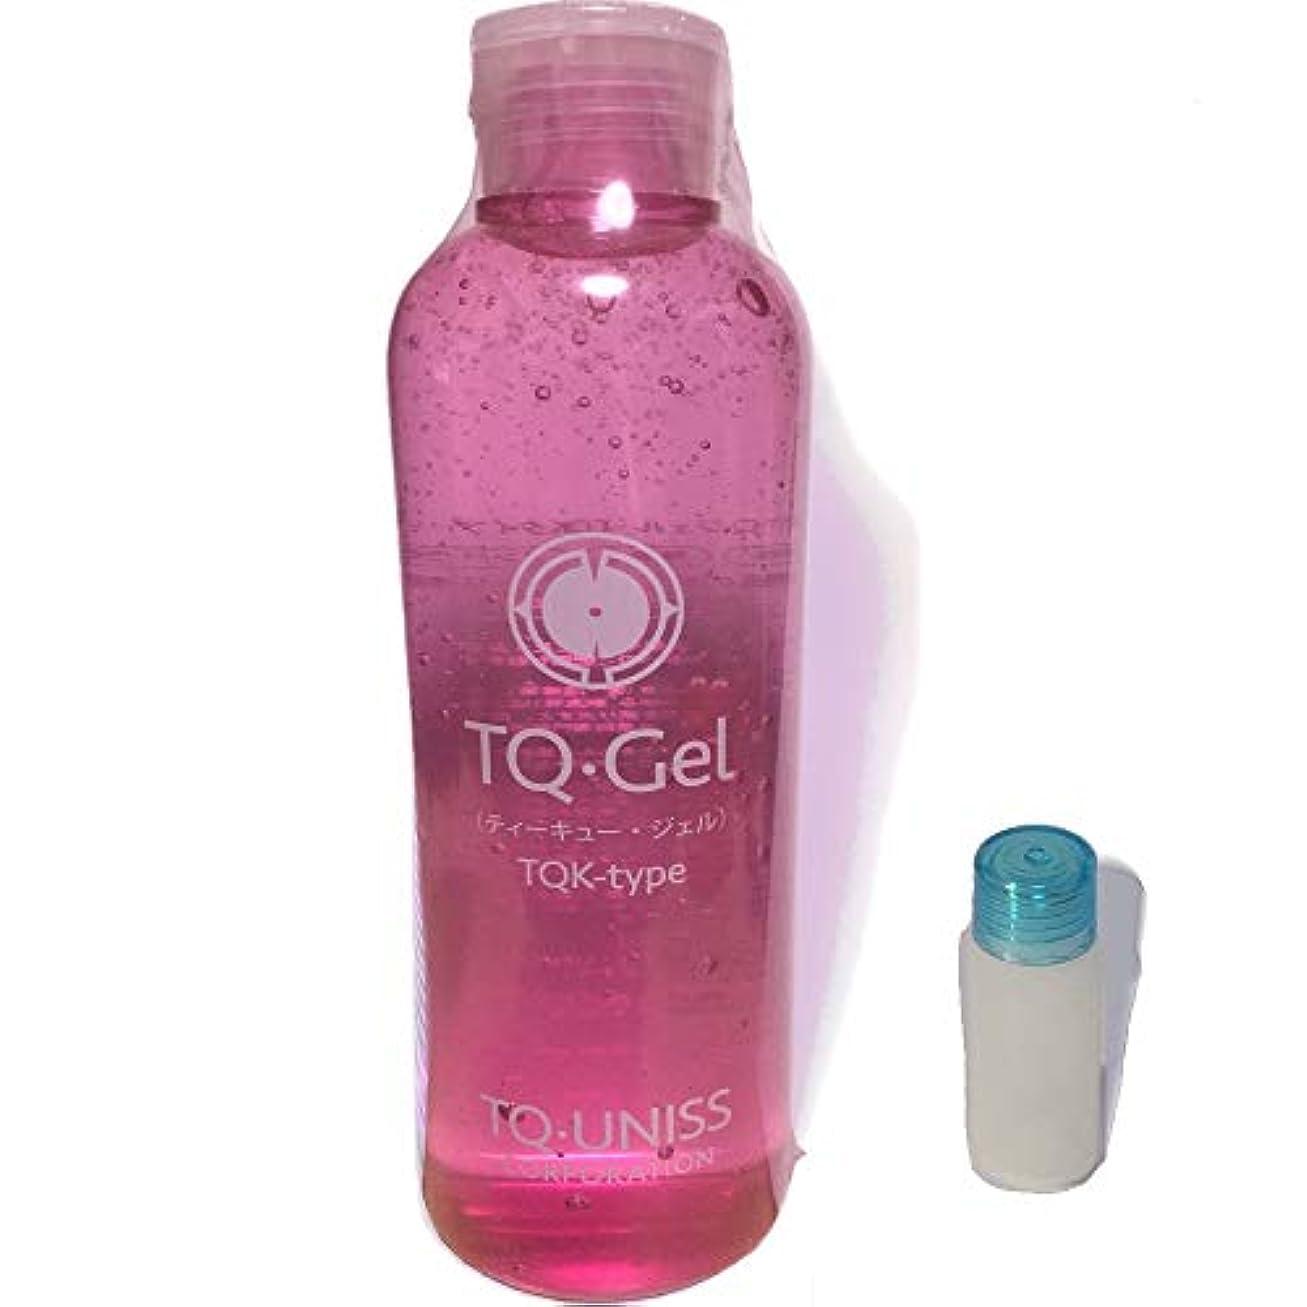 めんどりエンターテインメントそれらリーニューアル TQジェル ミニボトル5mlセット厳選された自然由来の保湿成分プラス20のエネルギー [300ml] ピンクボトル